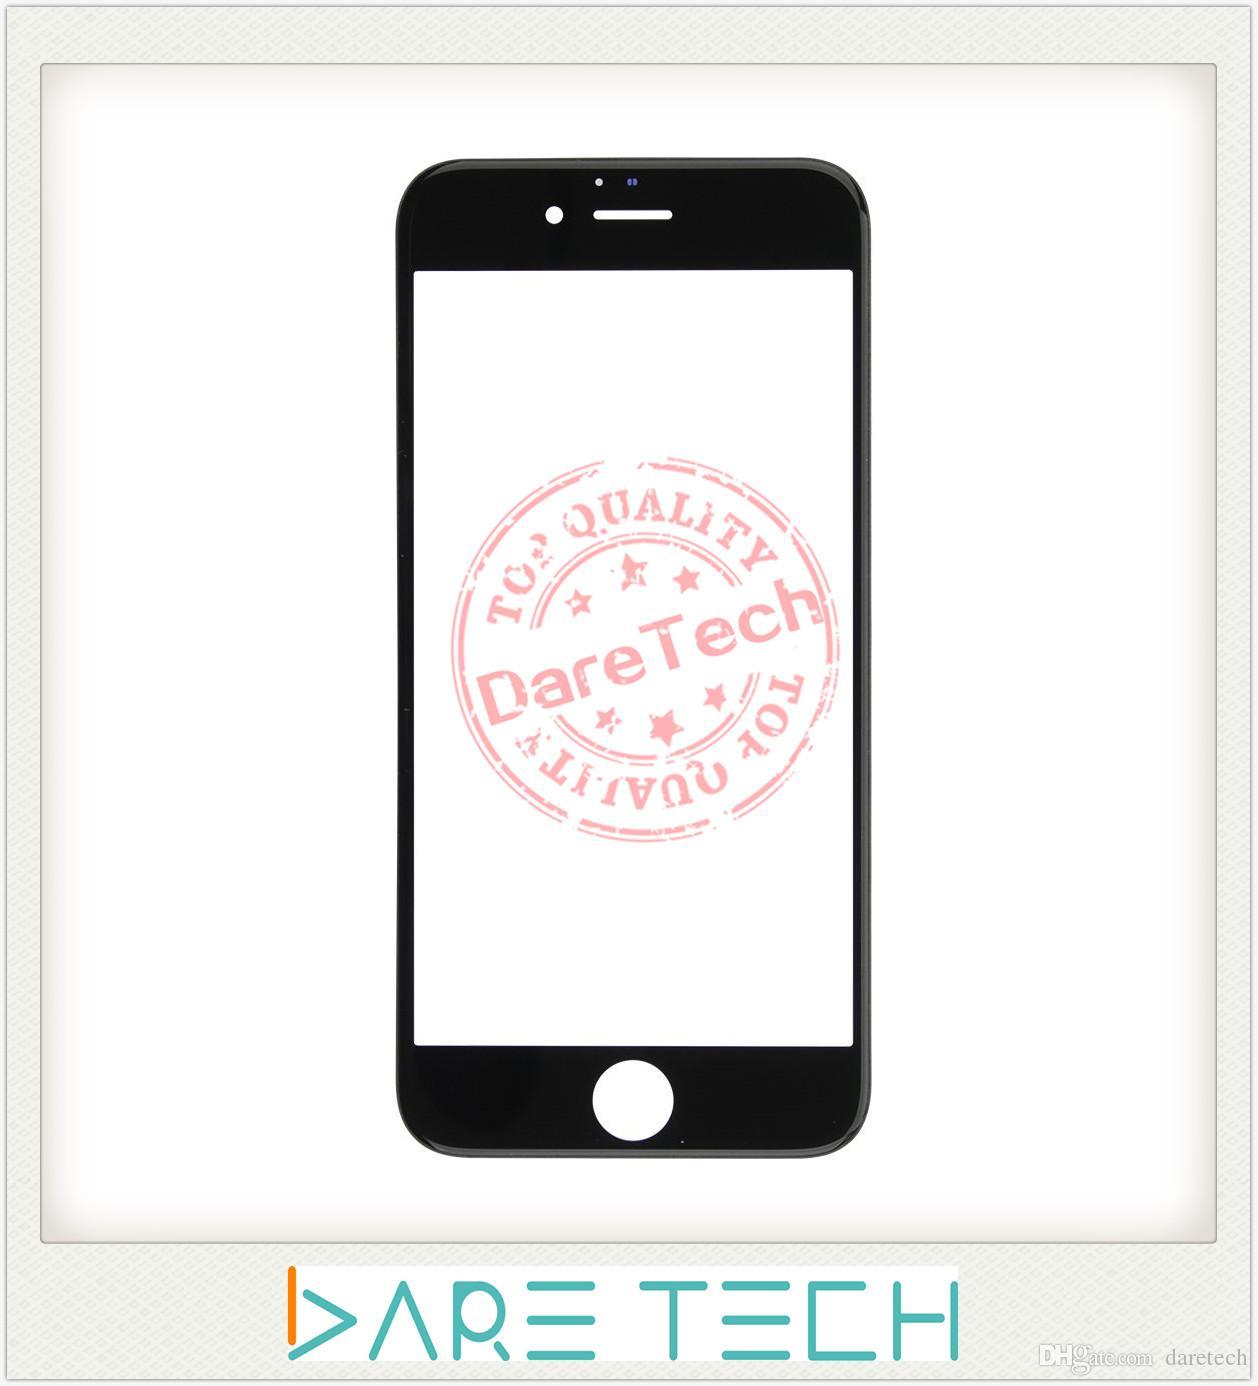 العدسة الزجاجية لللمس الخارجي الأمامي لـ iPhone 6 / 6 + 6S + 7 / 7 + dhl مزيج الألوان